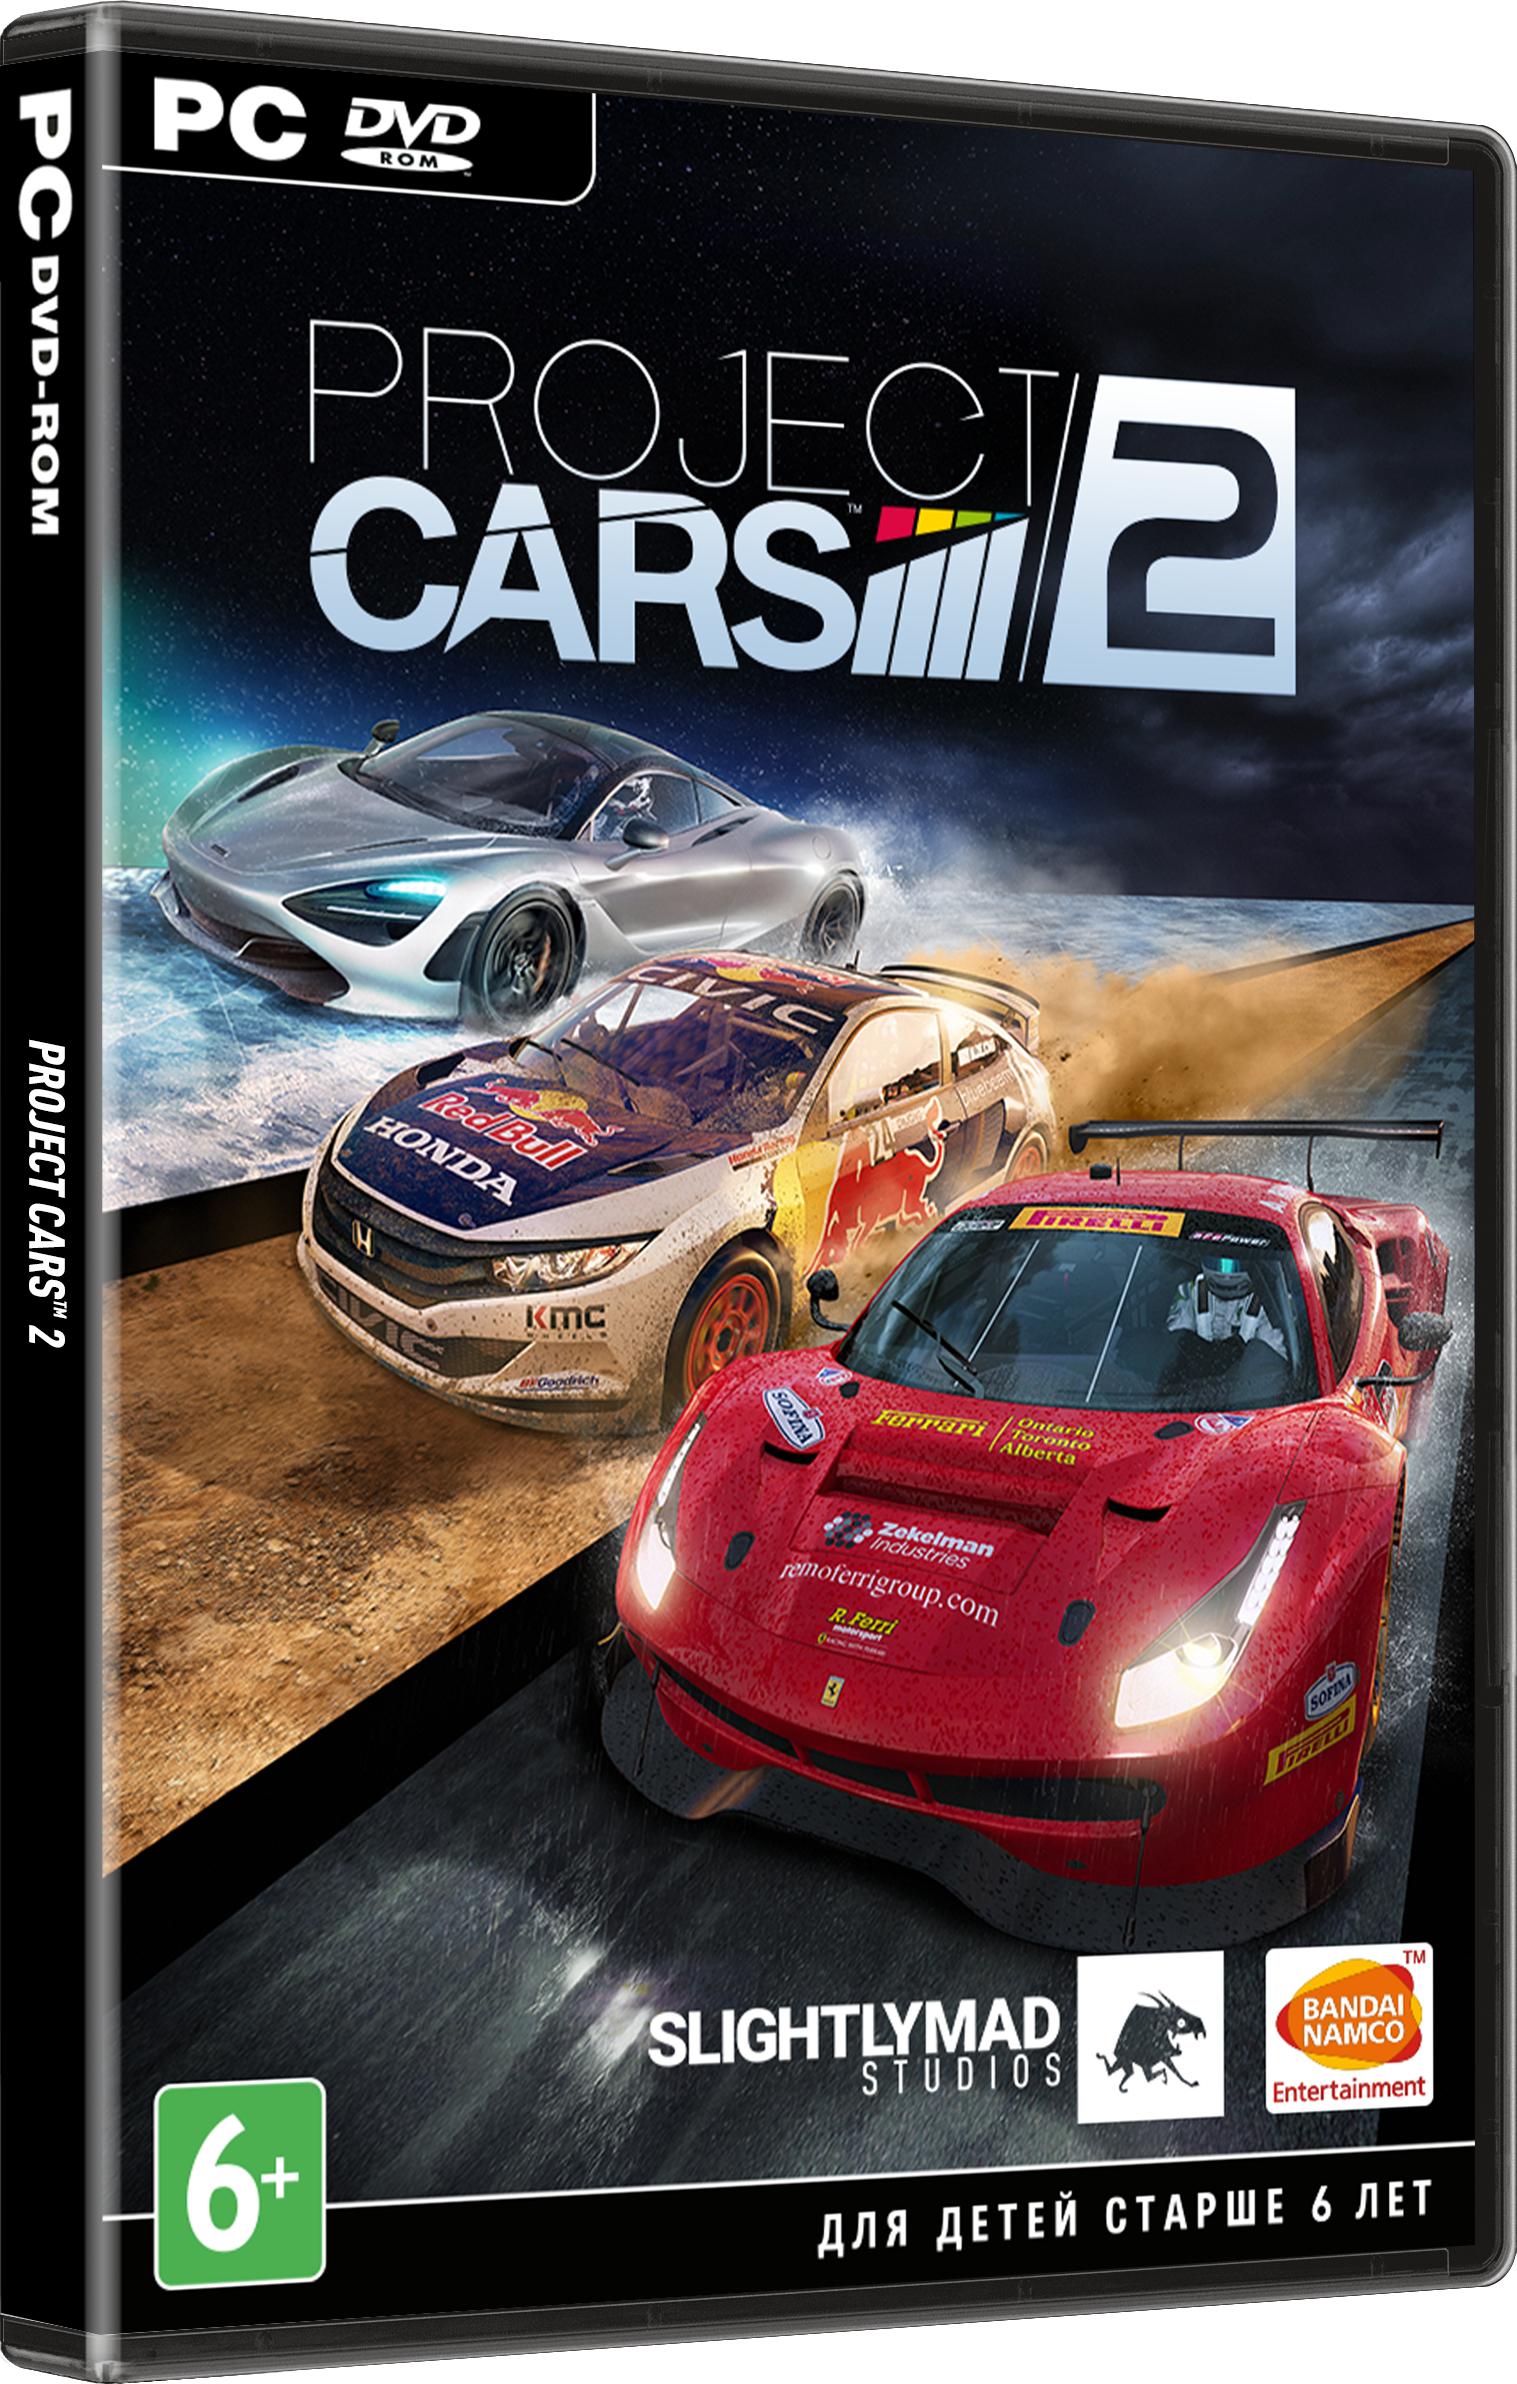 Project Cars 2 [PC]Project Cars 2 &amp;ndash; это вторая часть мегауспешного гоночного симулятора от компании Slightly Mad Studios. Спустя два года, разработчики наконец порадуют всех фанатов этого жанра продолжением, которое обещает стать иконой в мире гонок. Итак, что же нас ждет….<br>